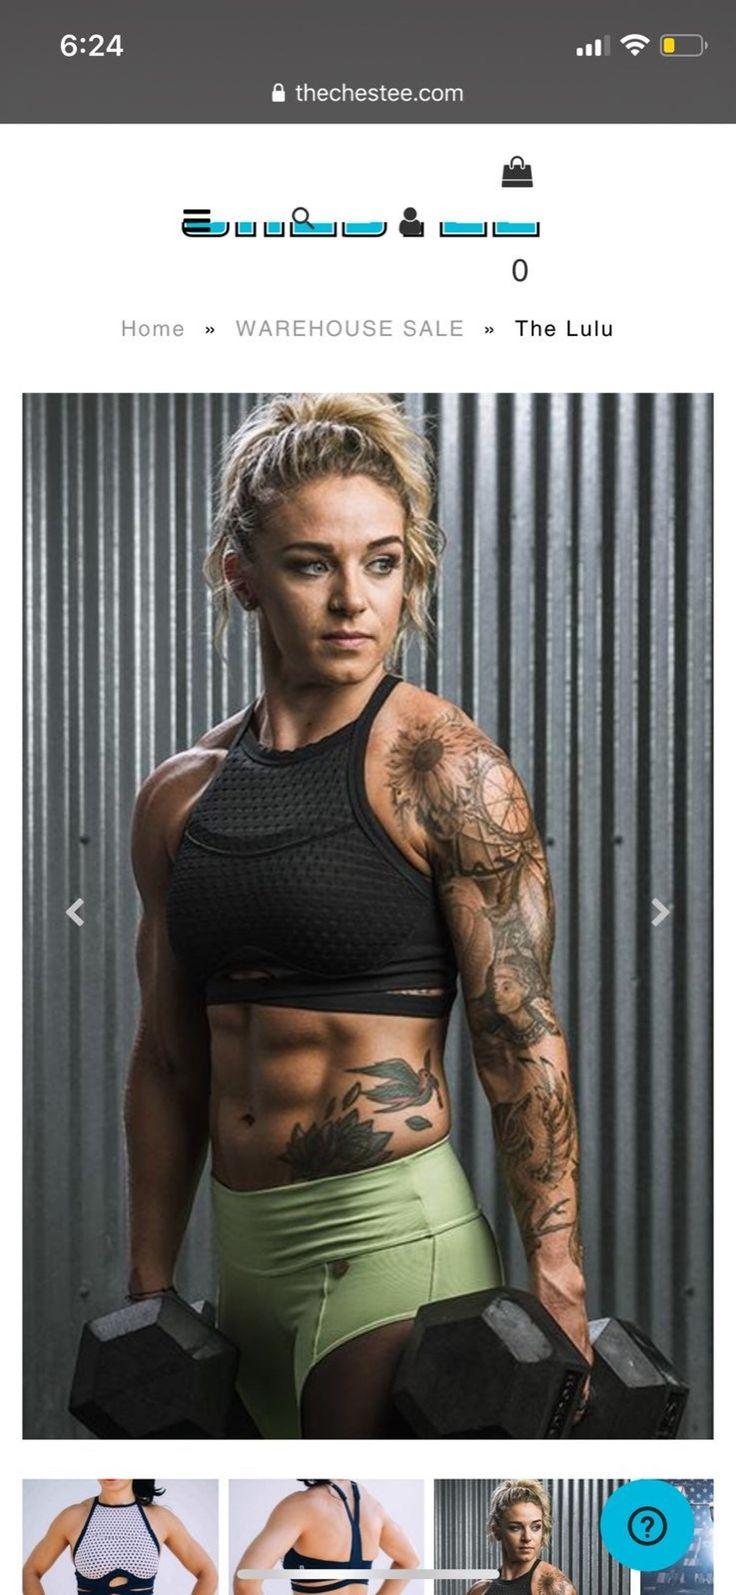 Pin by Heidi Jo on Motivation in 2020 Female crossfit